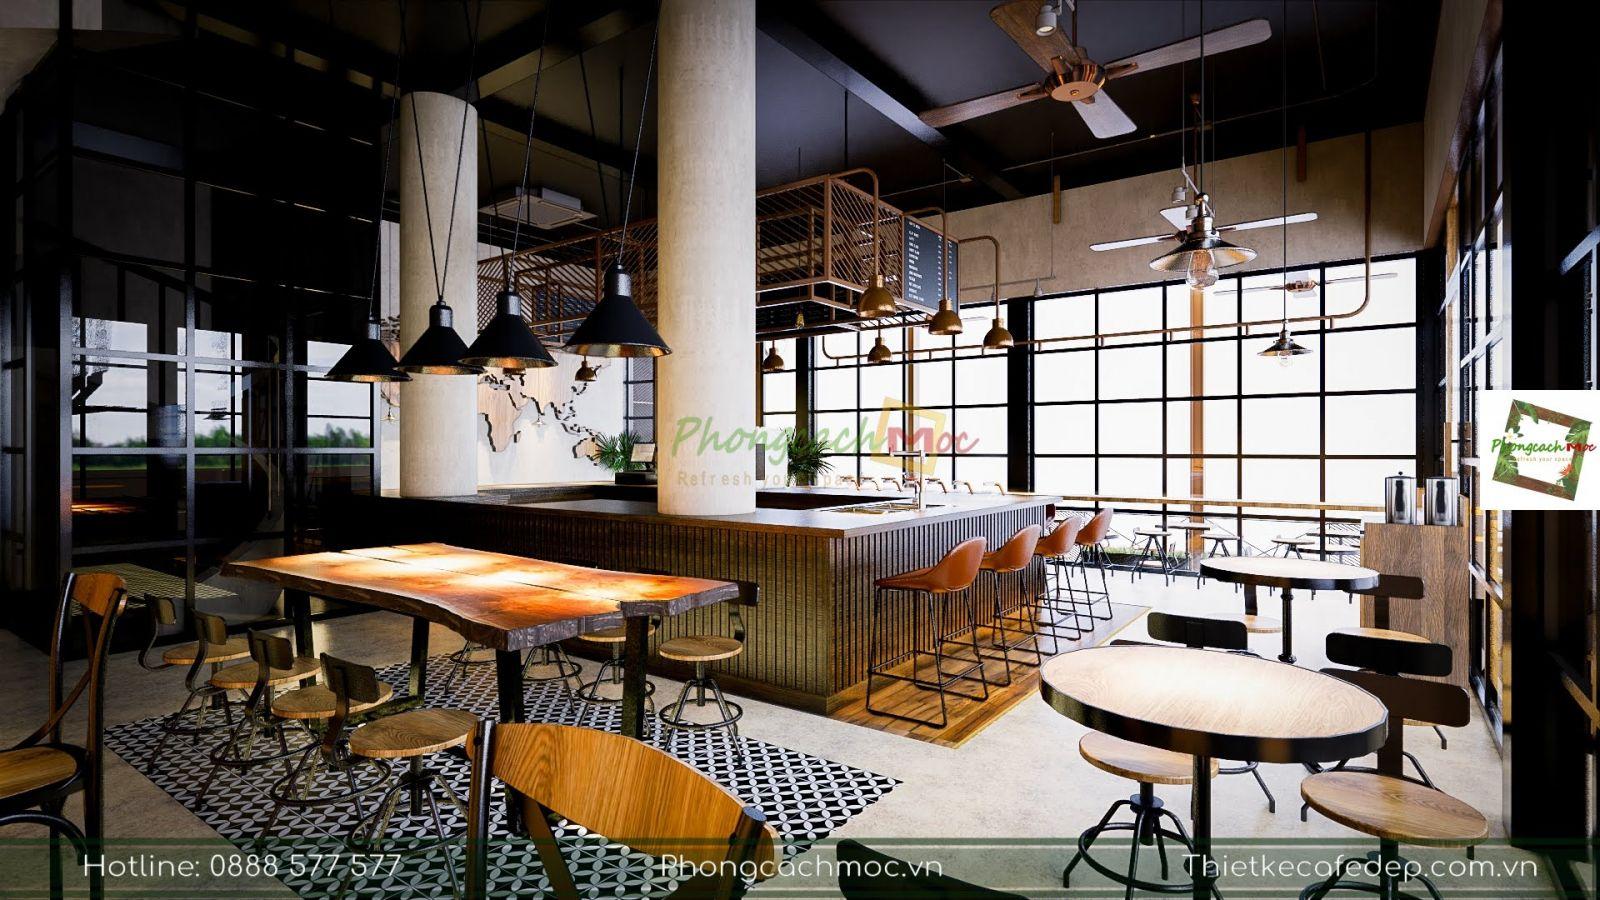 bàn ghế bar vintage trong nội thất quán palermo coffee